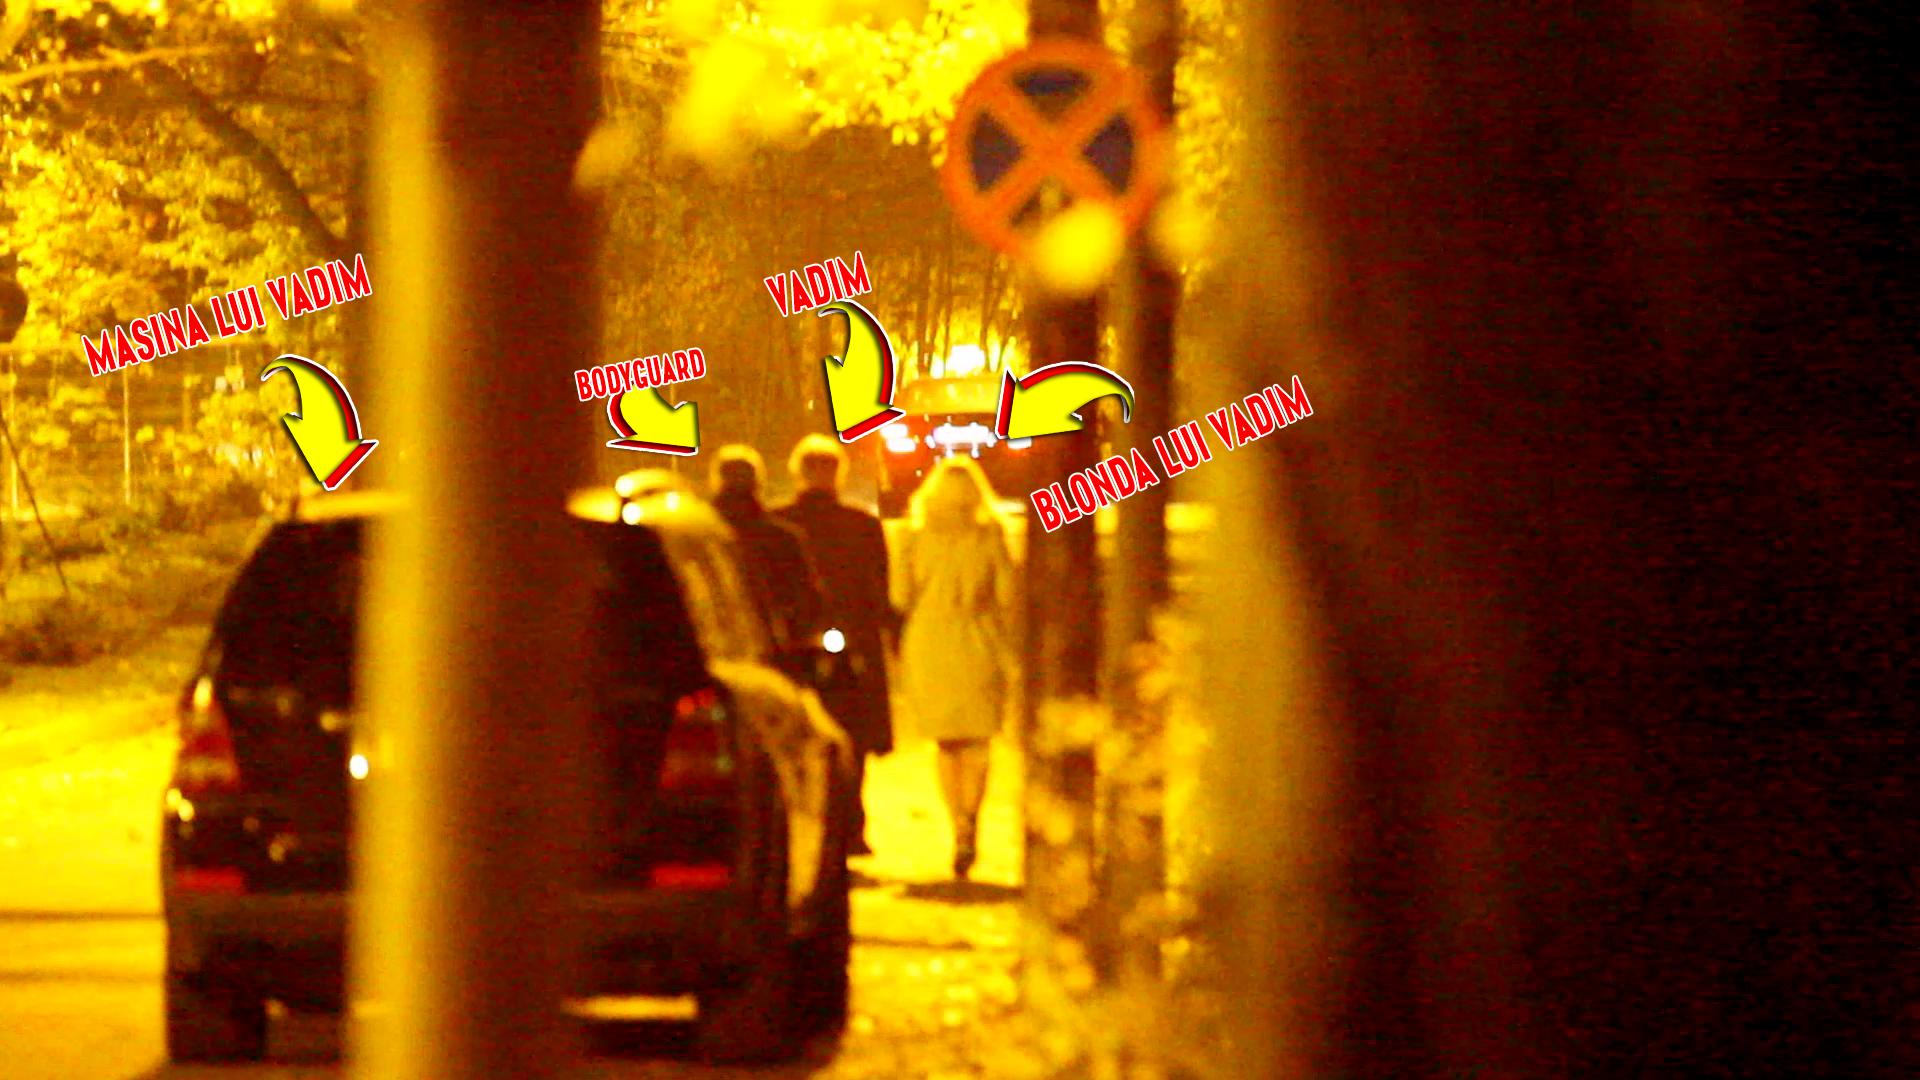 Dupa ce au luat cina intr-un local select, Vadim si blonda misterioasa au pornit la pas prin Parcul Herastrau